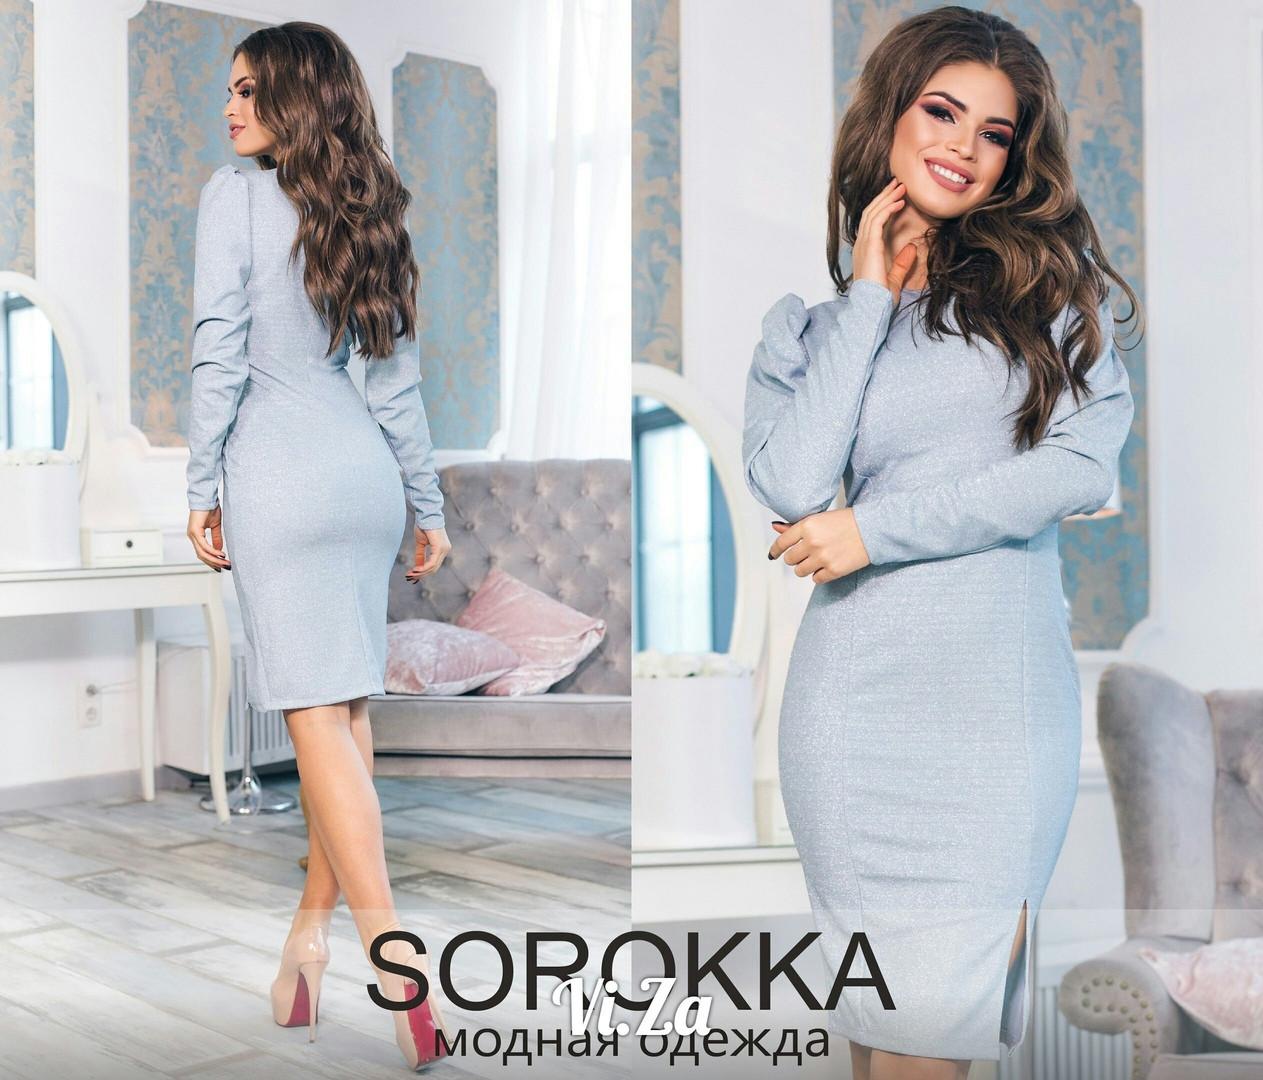 РАСПРОДАЖА!!! Удлиненное платье с рукавом фонарик. 3 цвета, р.42-44,46-48. код 8008Z